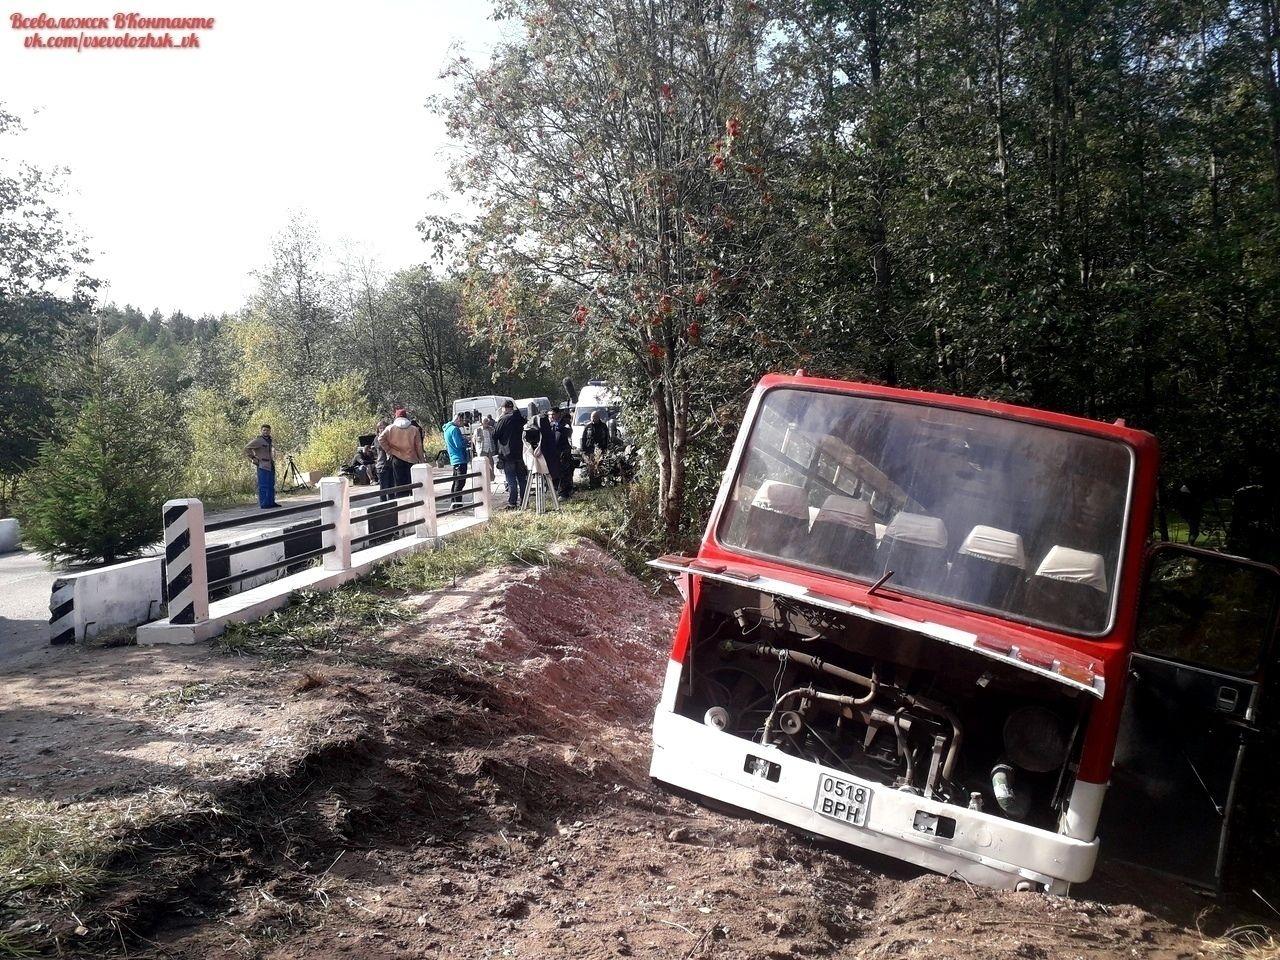 维克托·崔遇难的位置,小巴被撞到路边去了可见撞击力度之大